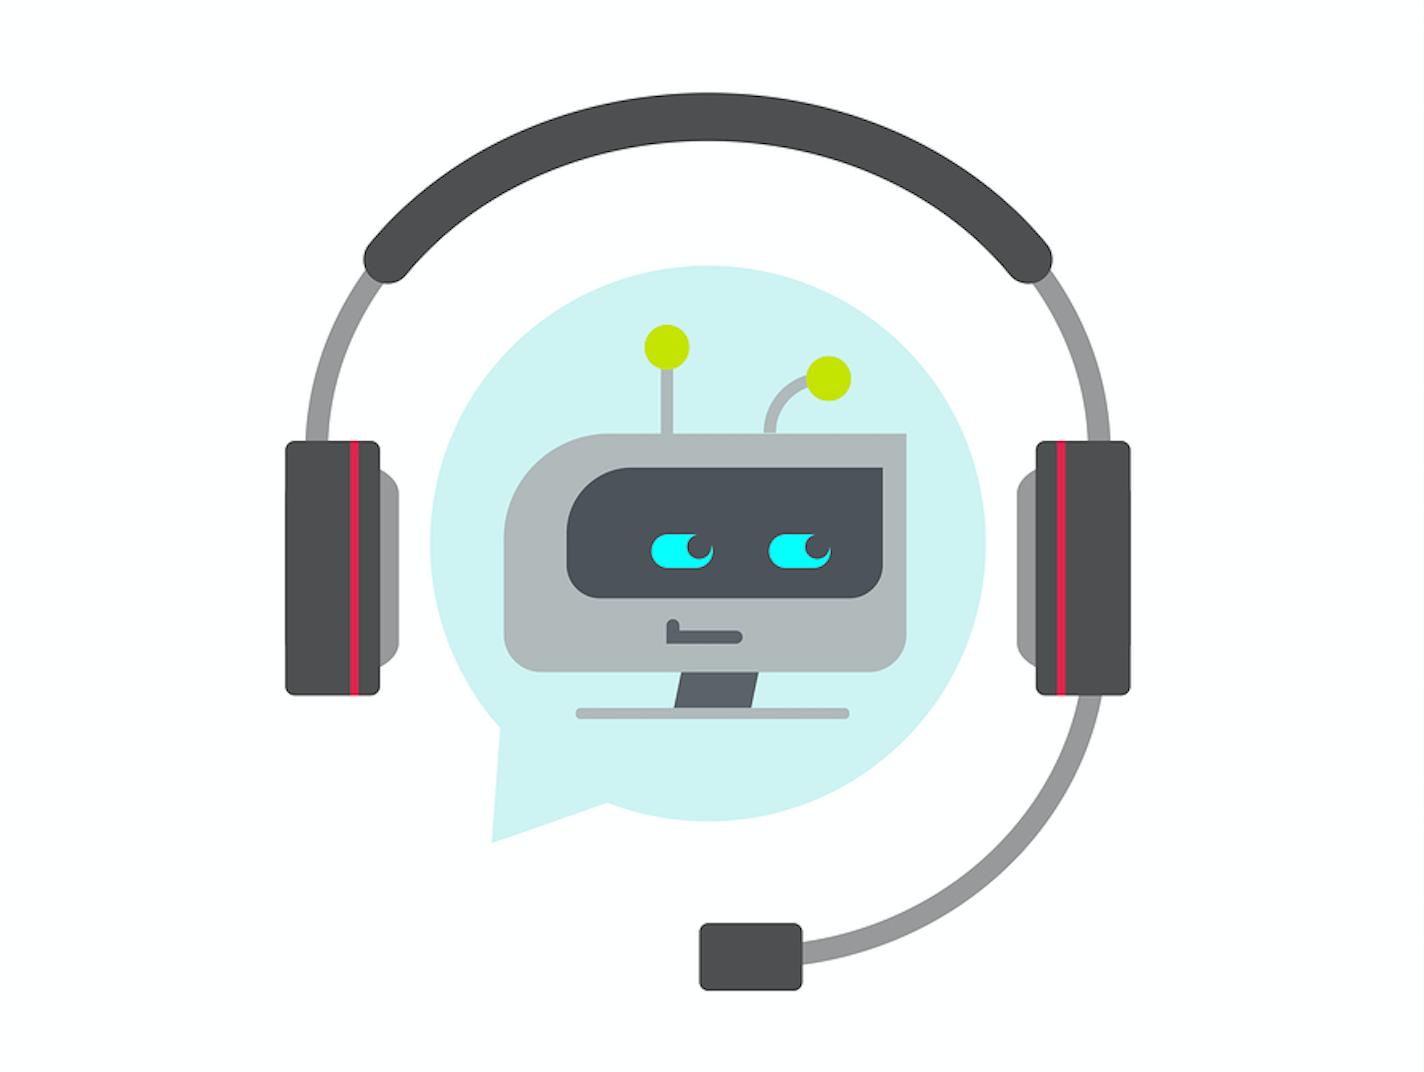 ¿Cómo complementan los chatbots la atención al usuario?